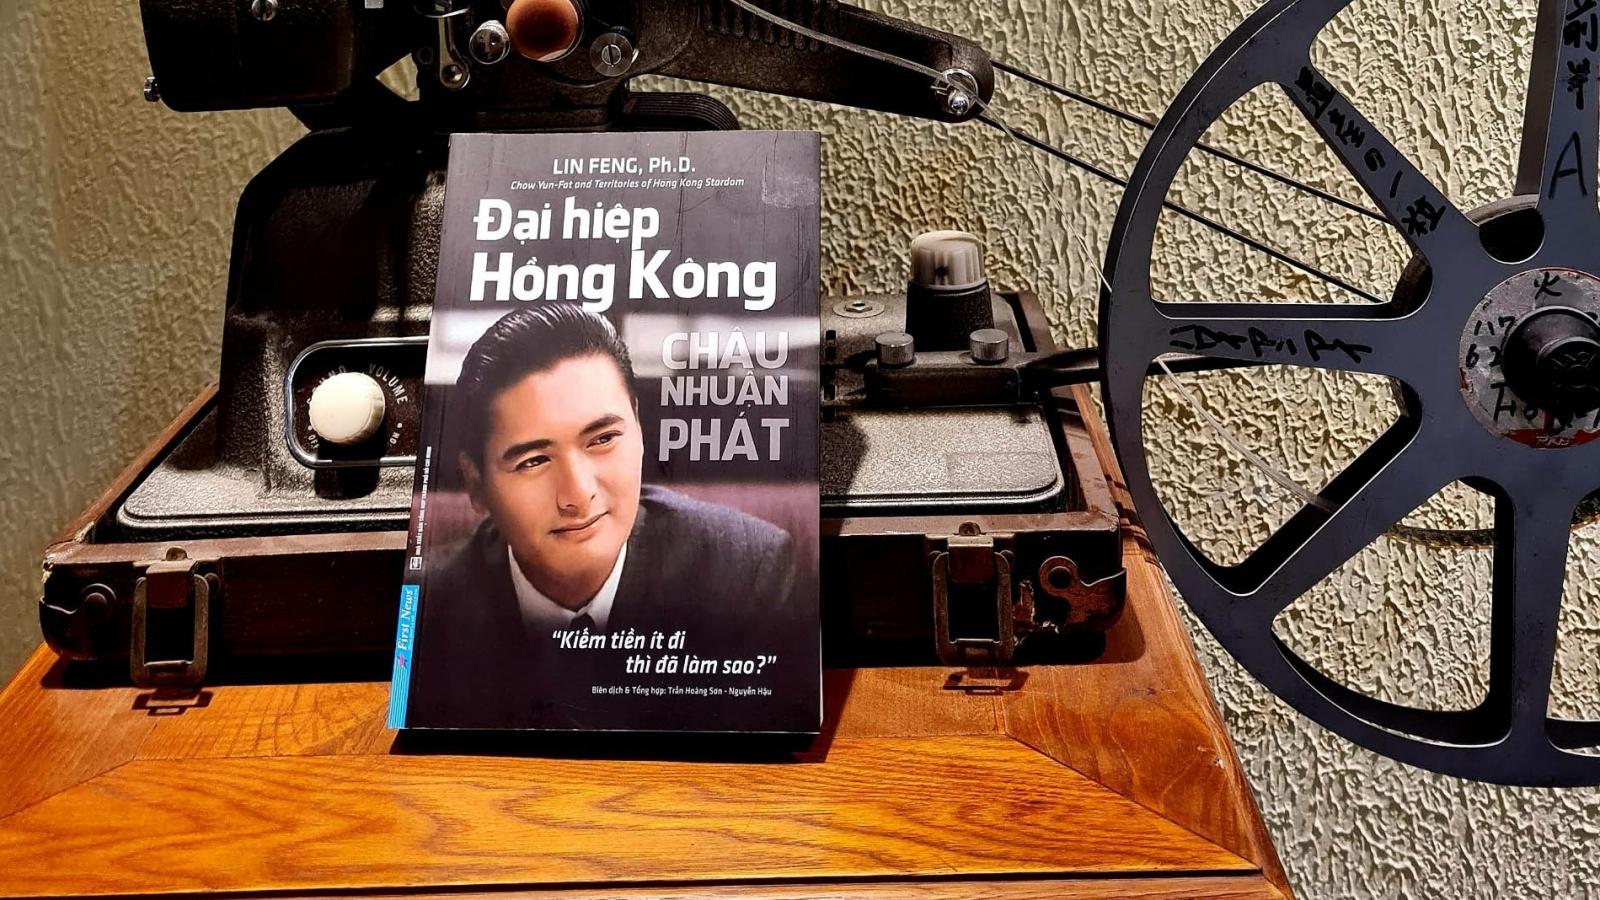 Châu Nhuận Phát - Thần tượng gần gũi nhất không chỉ với người Hồng Kông